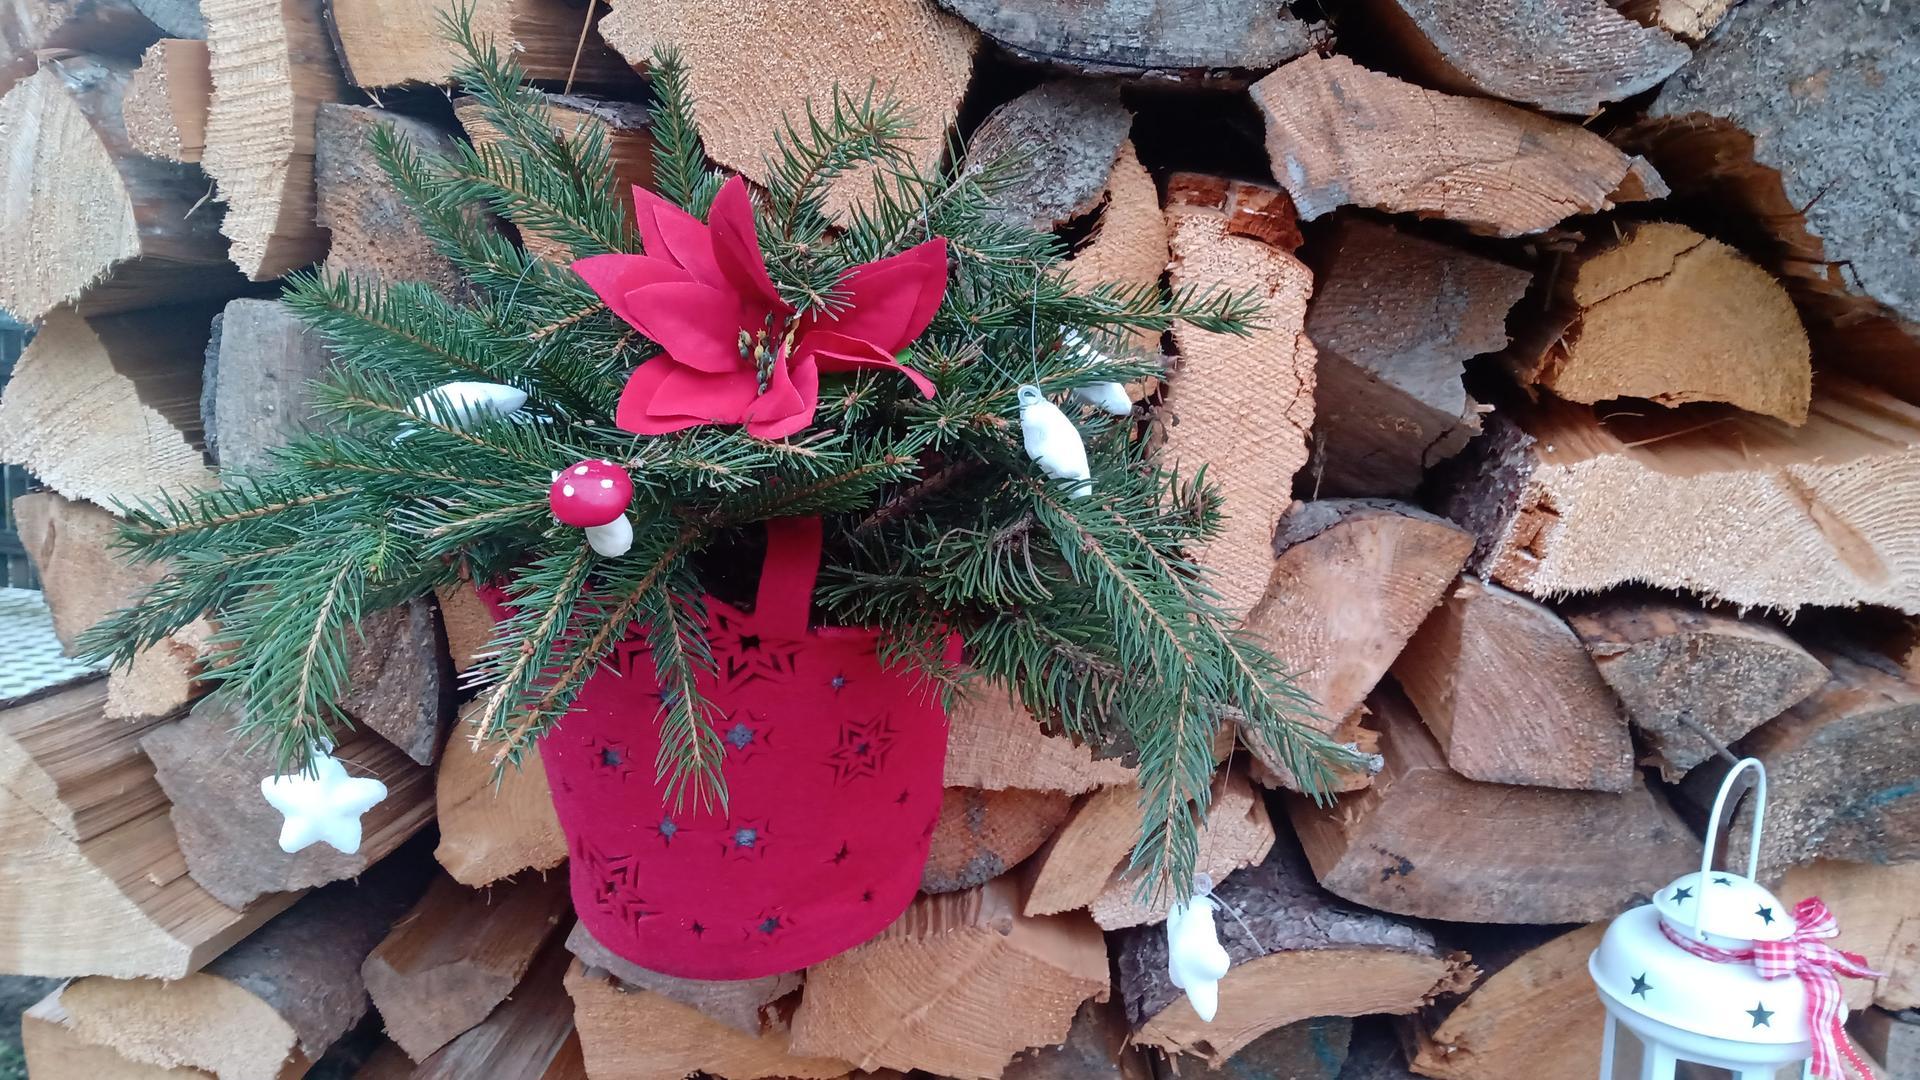 Vianocna vyzdoba a vianocne dekoracie 2020 - Obrázok č. 27